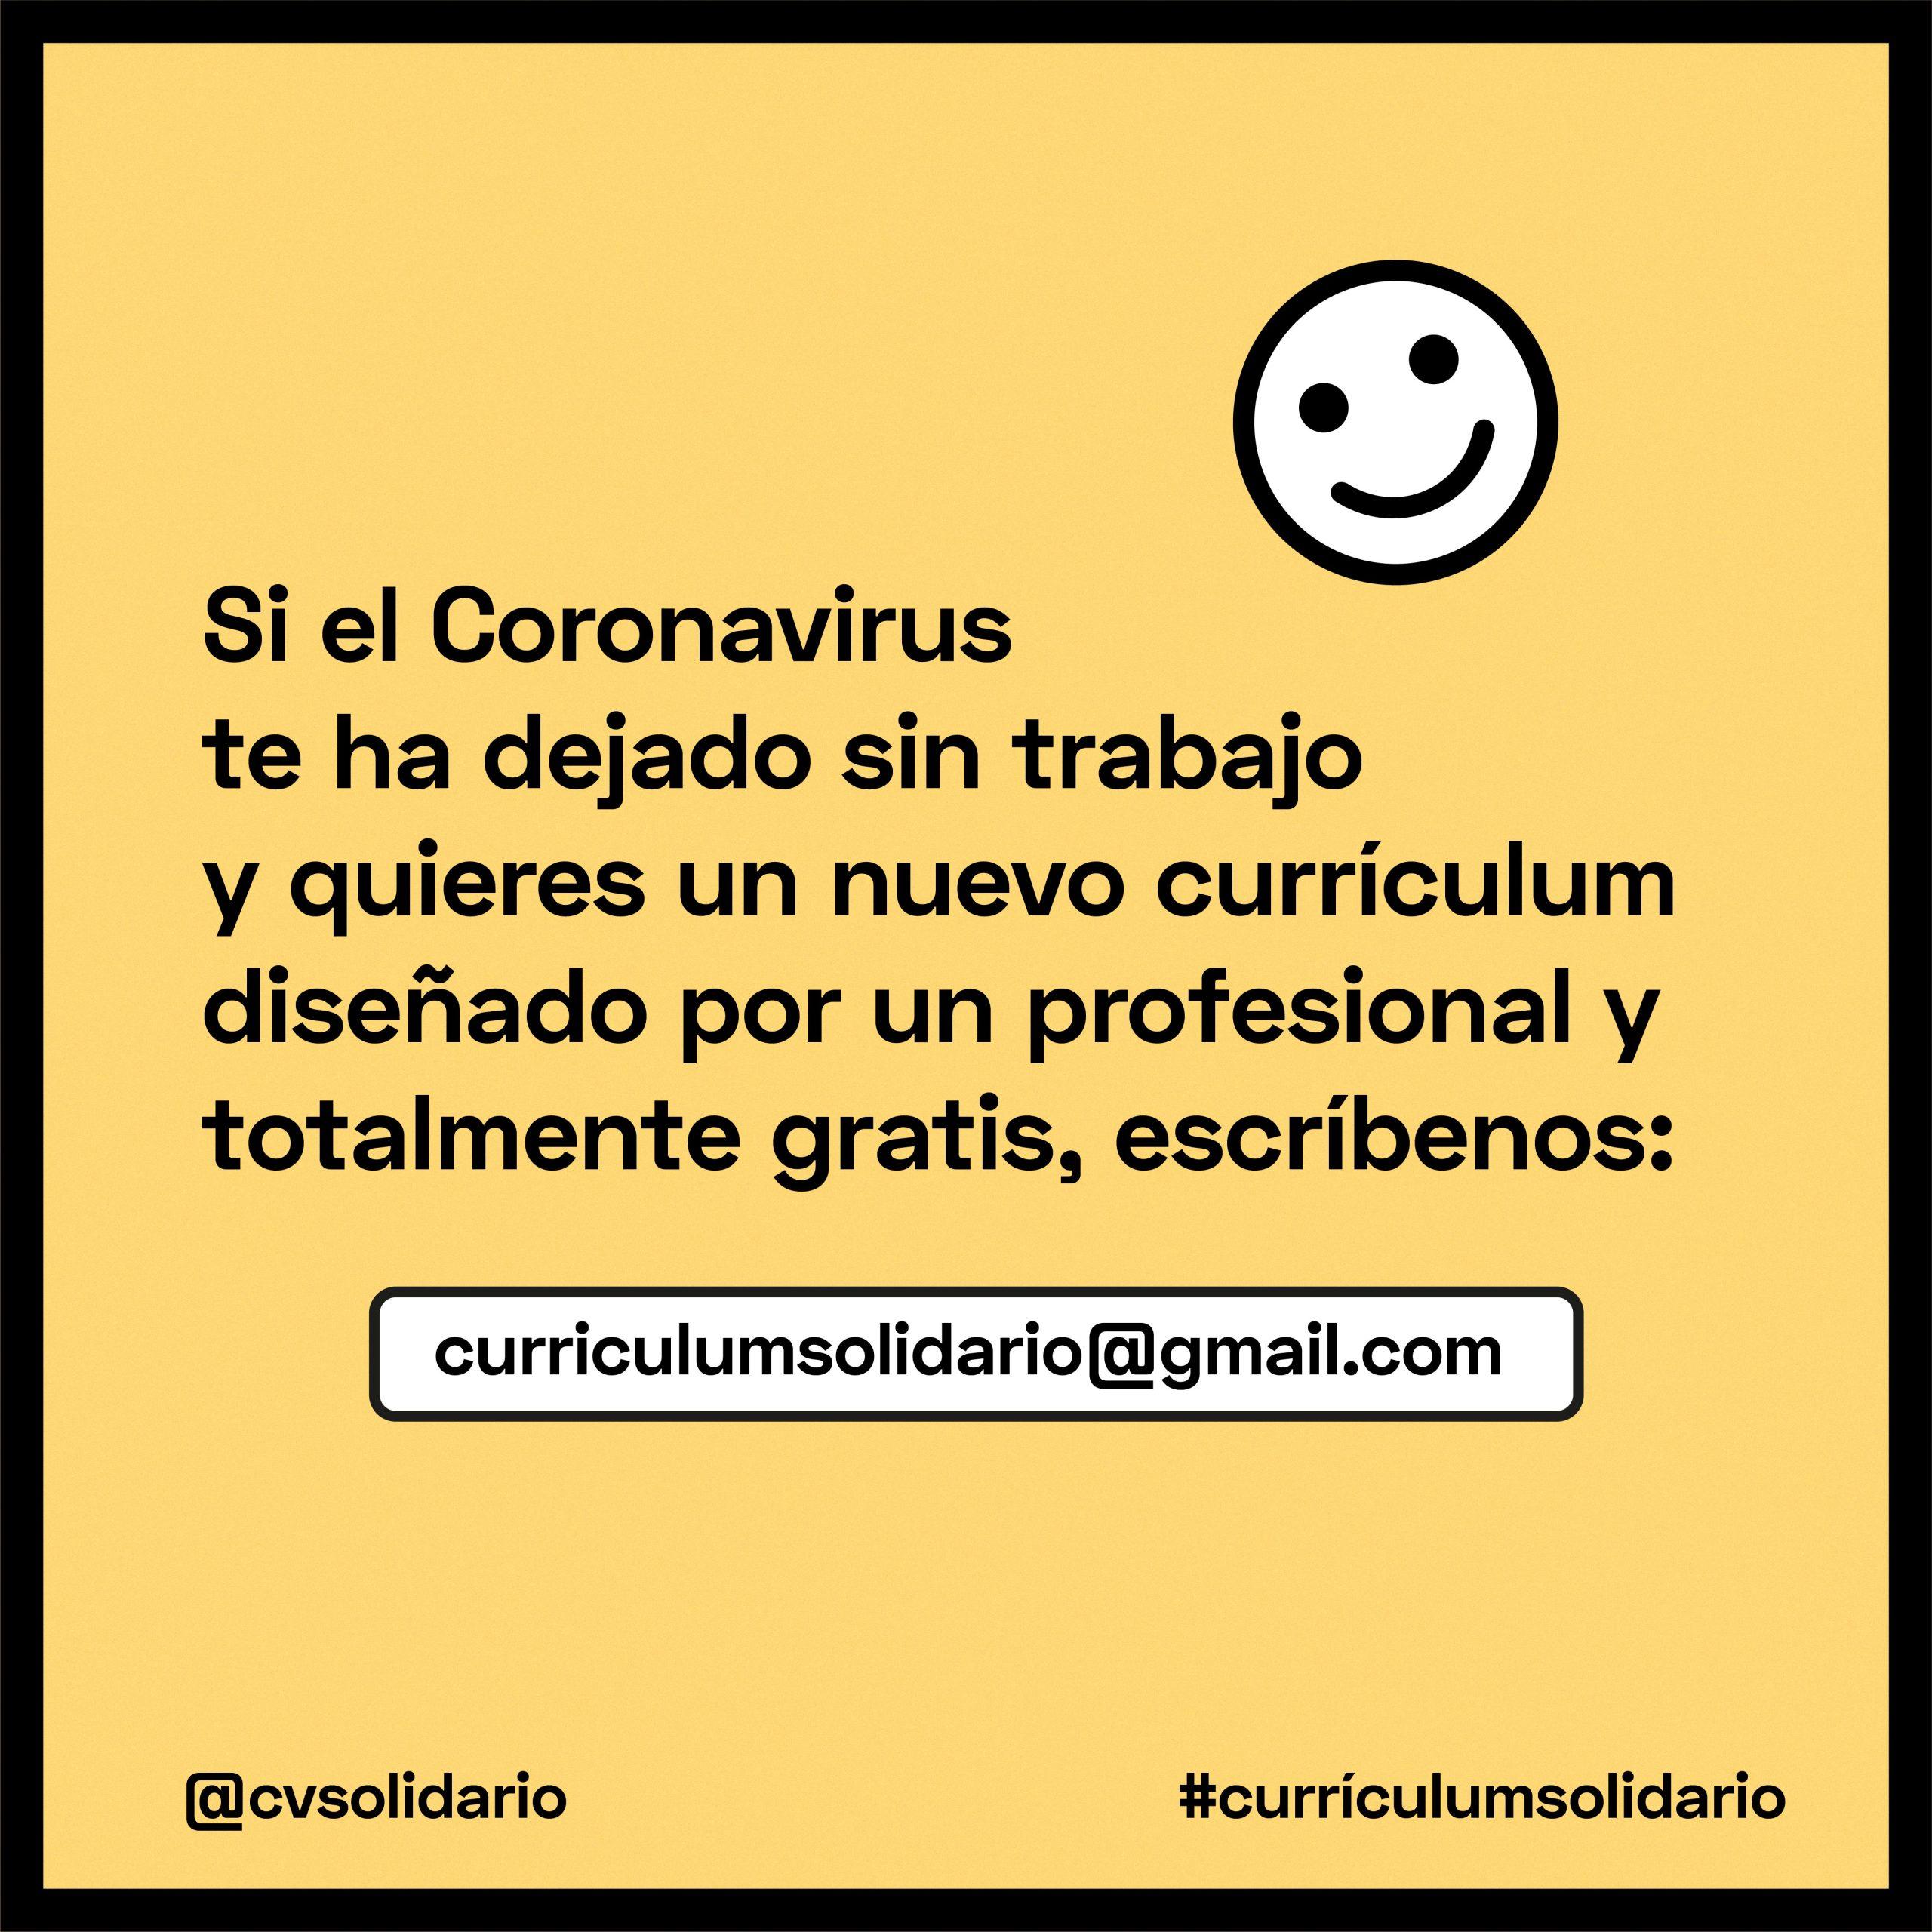 Currículum Solidario: la iniciativa de un finolier para ayudar a la gente que se ha quedado sin trabajo